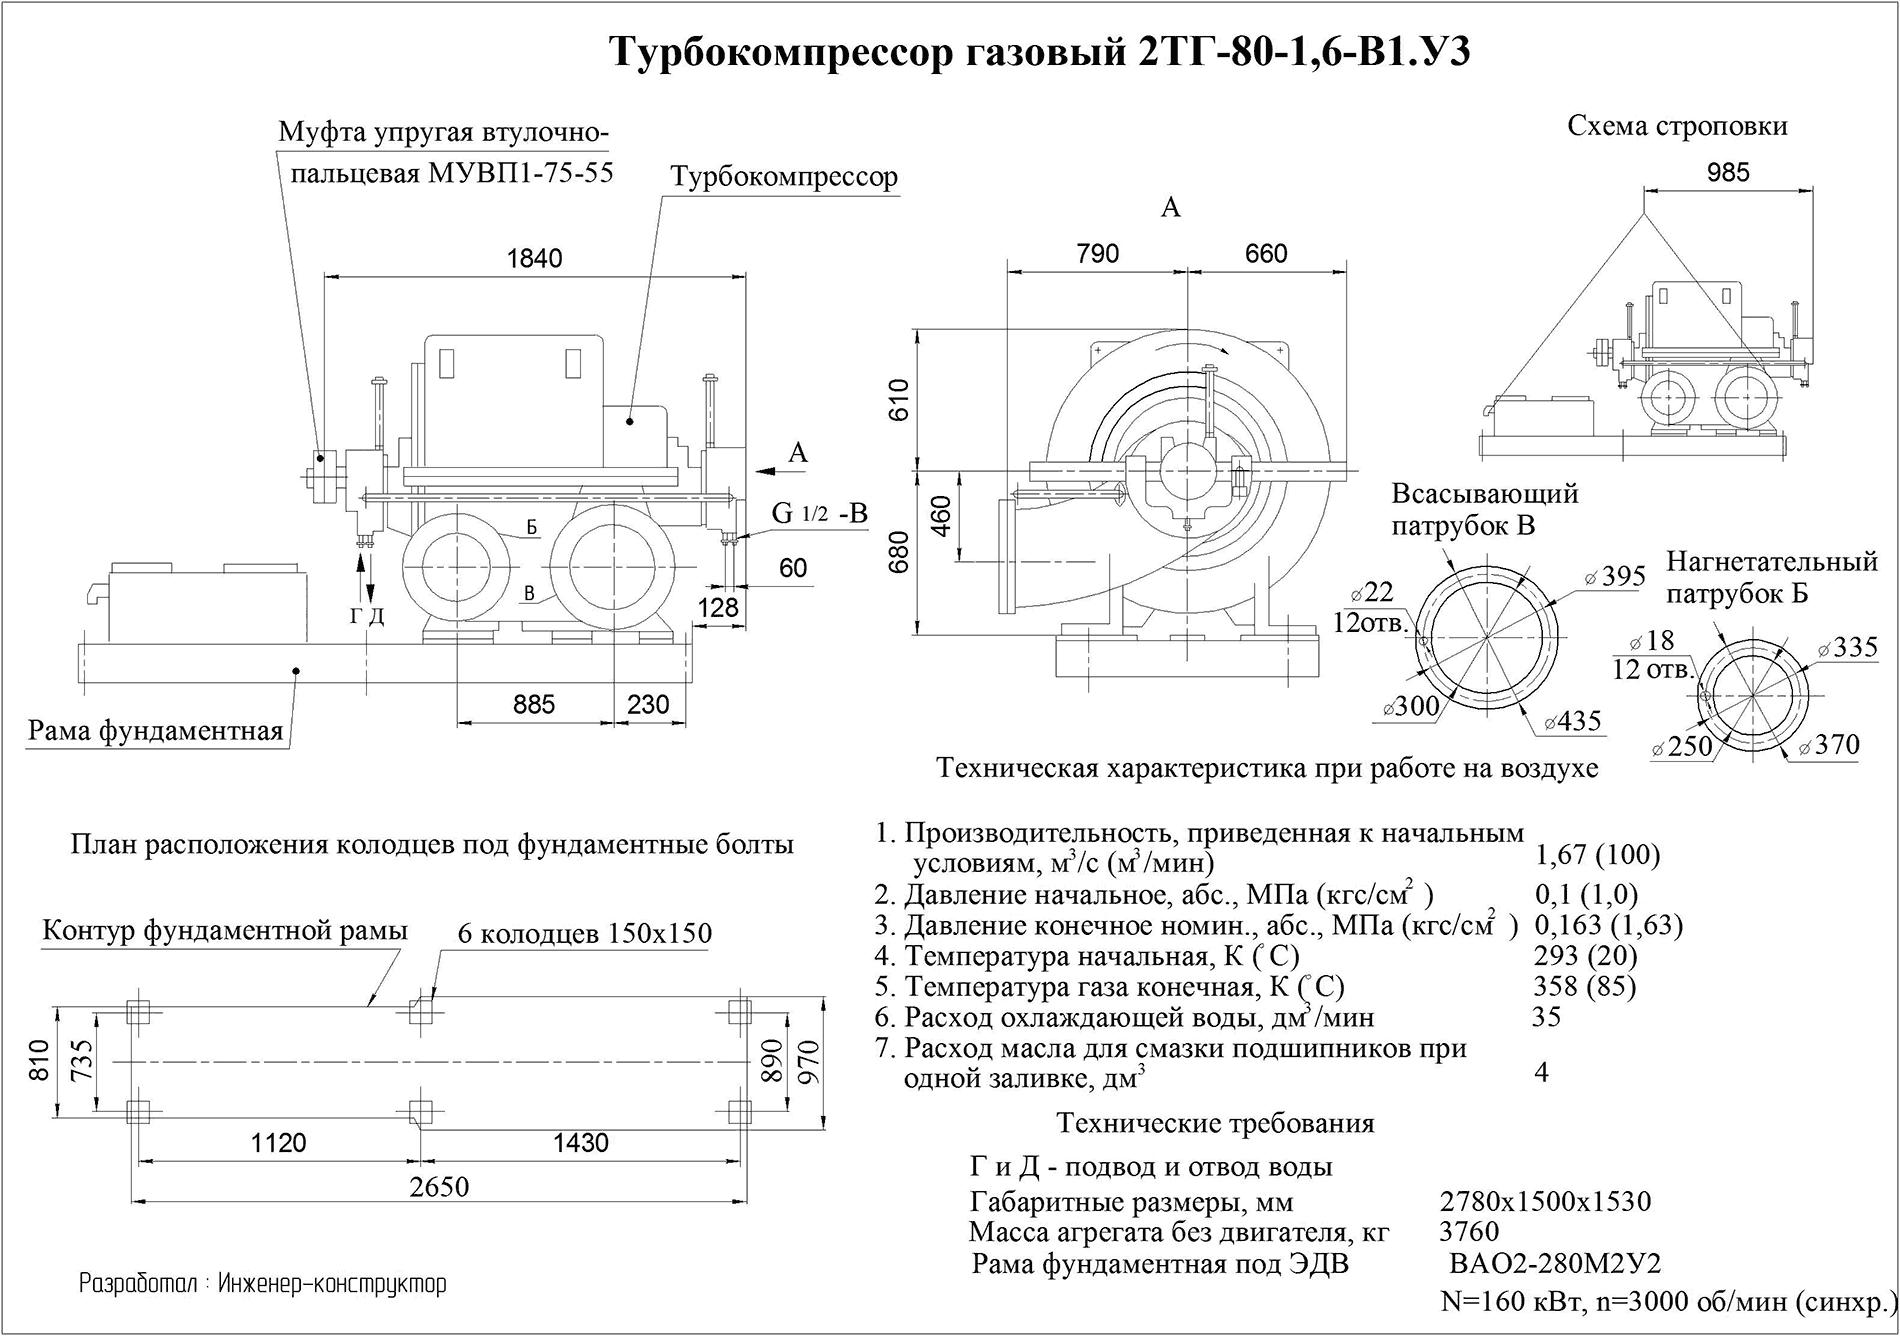 Турбокомпрессор многоступенчатый газовый 2ТГ-80-1,6М1-В1У2